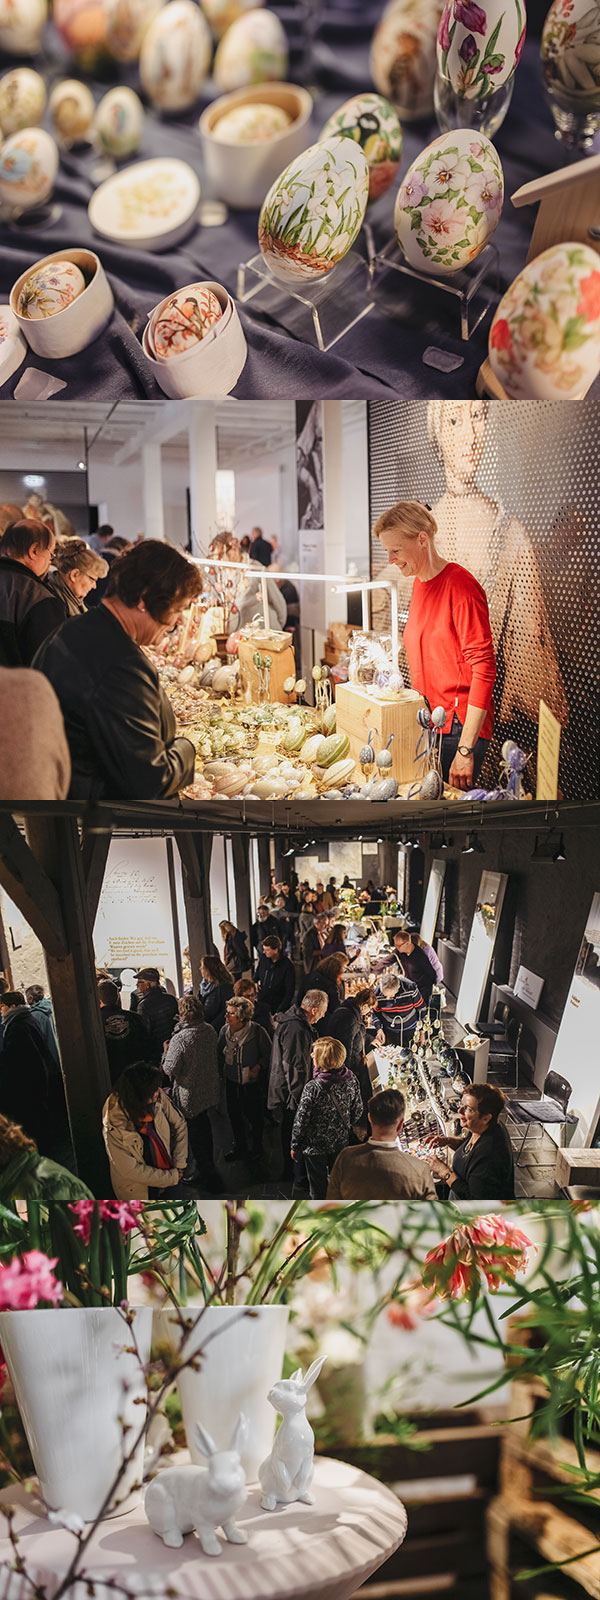 Internationaler, Ostereiermarkt, Kunst, Kunsthandwerk, Eierkünstler, Ostern, Fürstenberg, Museum Schloss Fürstenberg, Porzellan